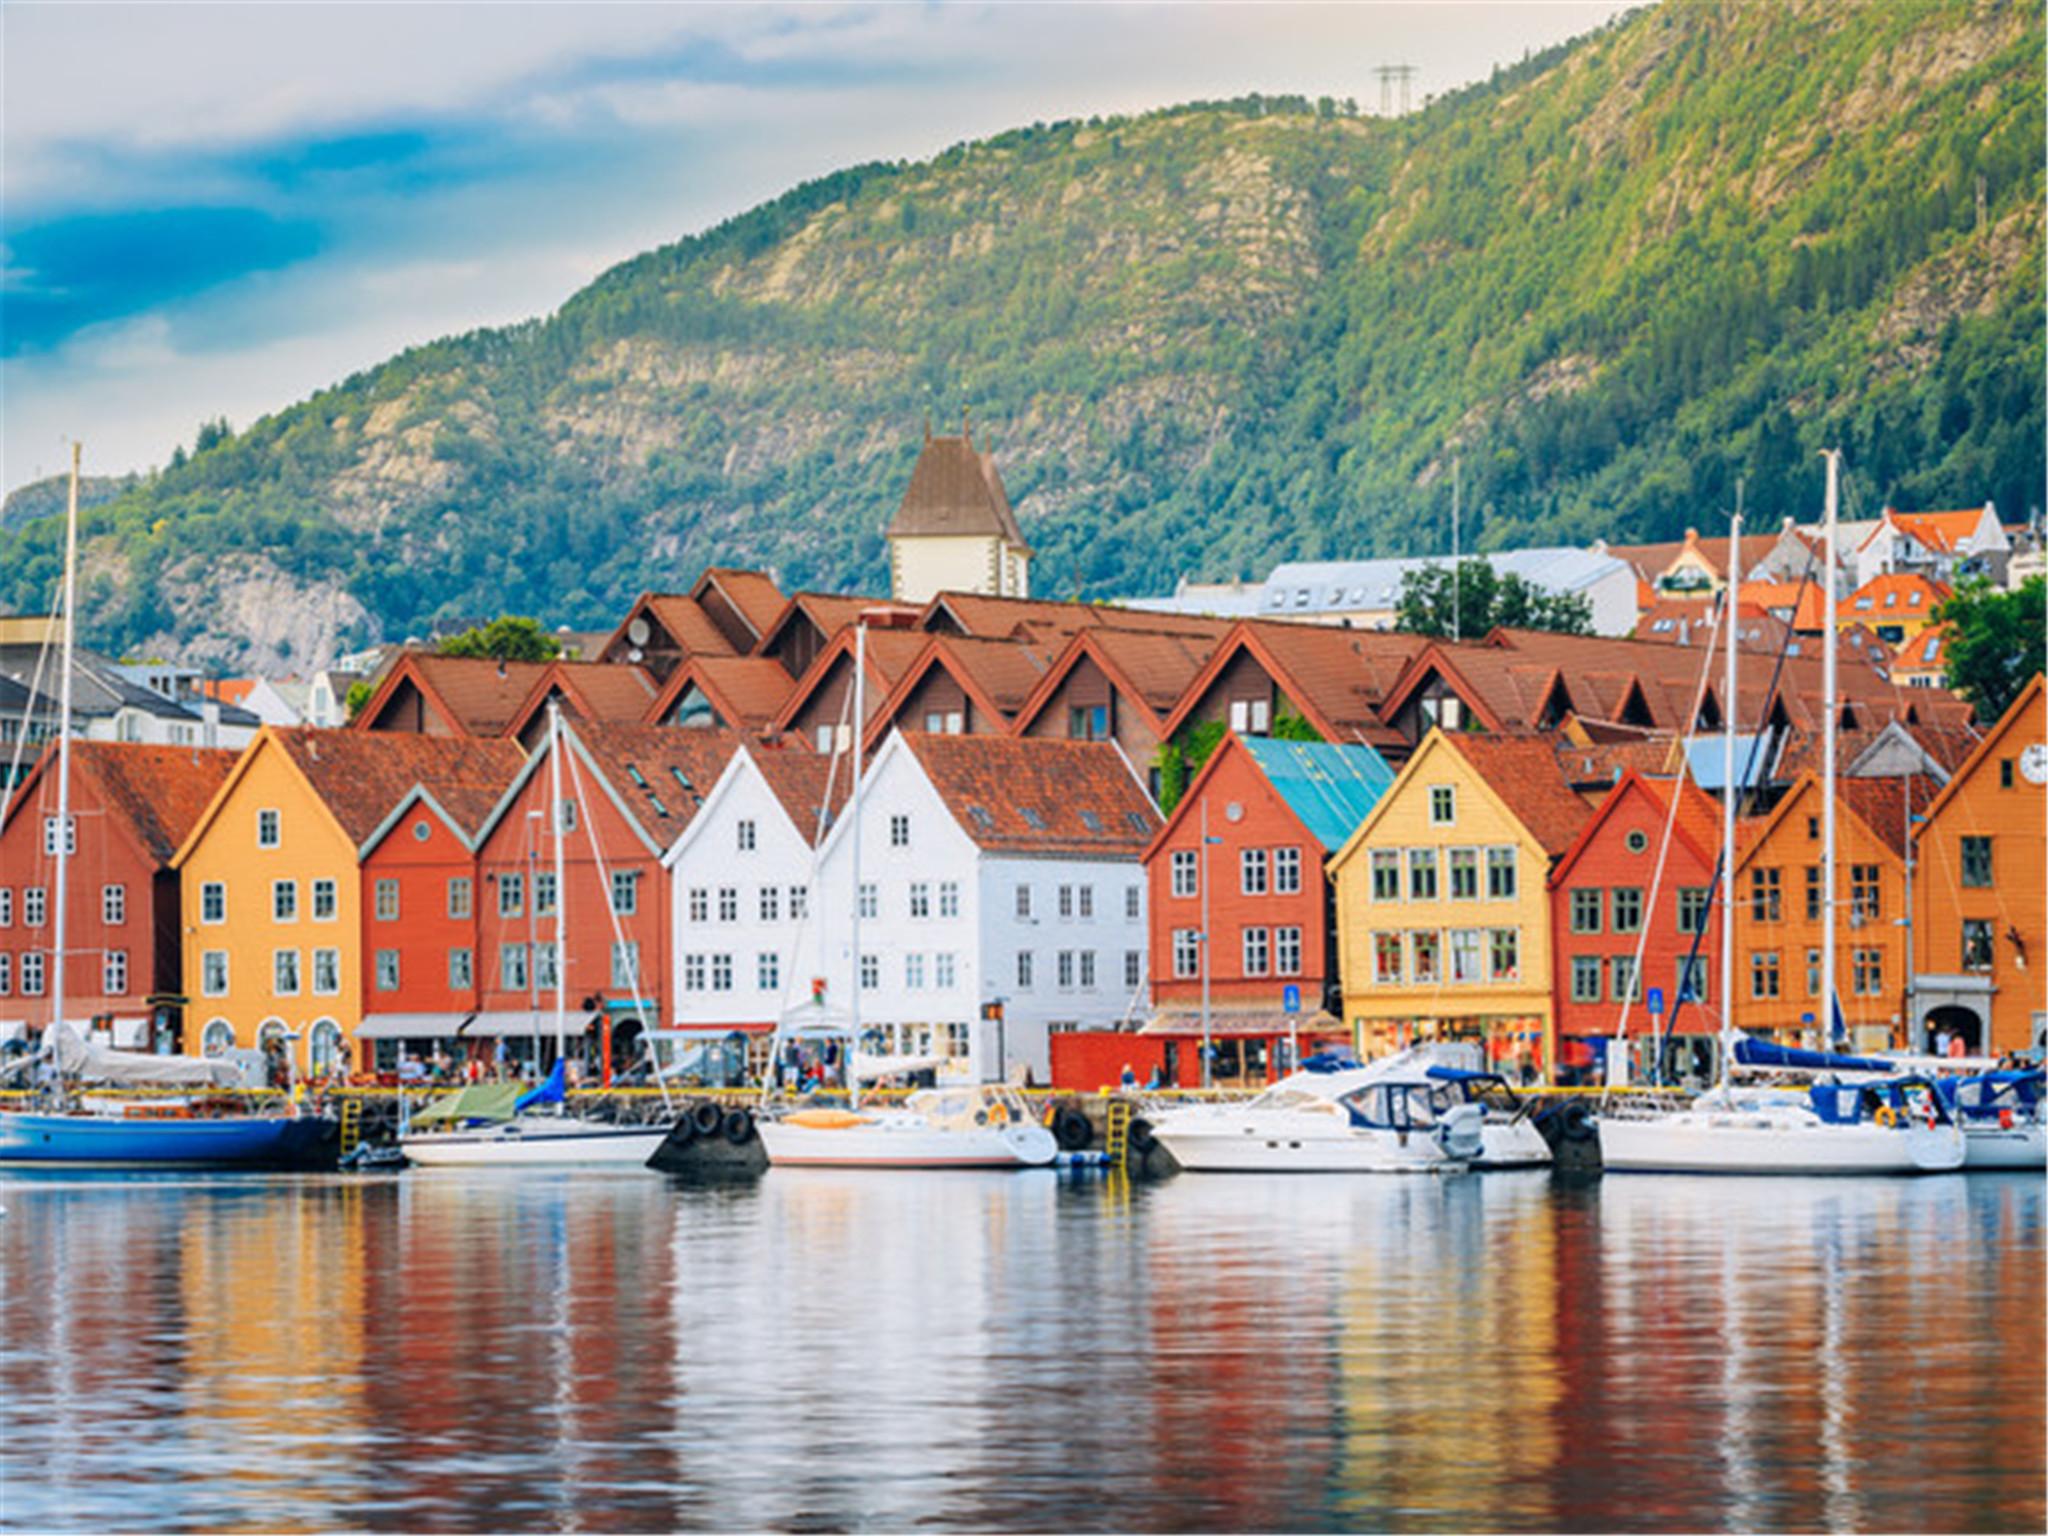 【暑期】挪威+丹麦+风情峡湾+童话古堡10晚12天(AY/4-5钻+2晚峡湾小镇酒店+1晚邮轮2人内舱/2人一台WiFi)